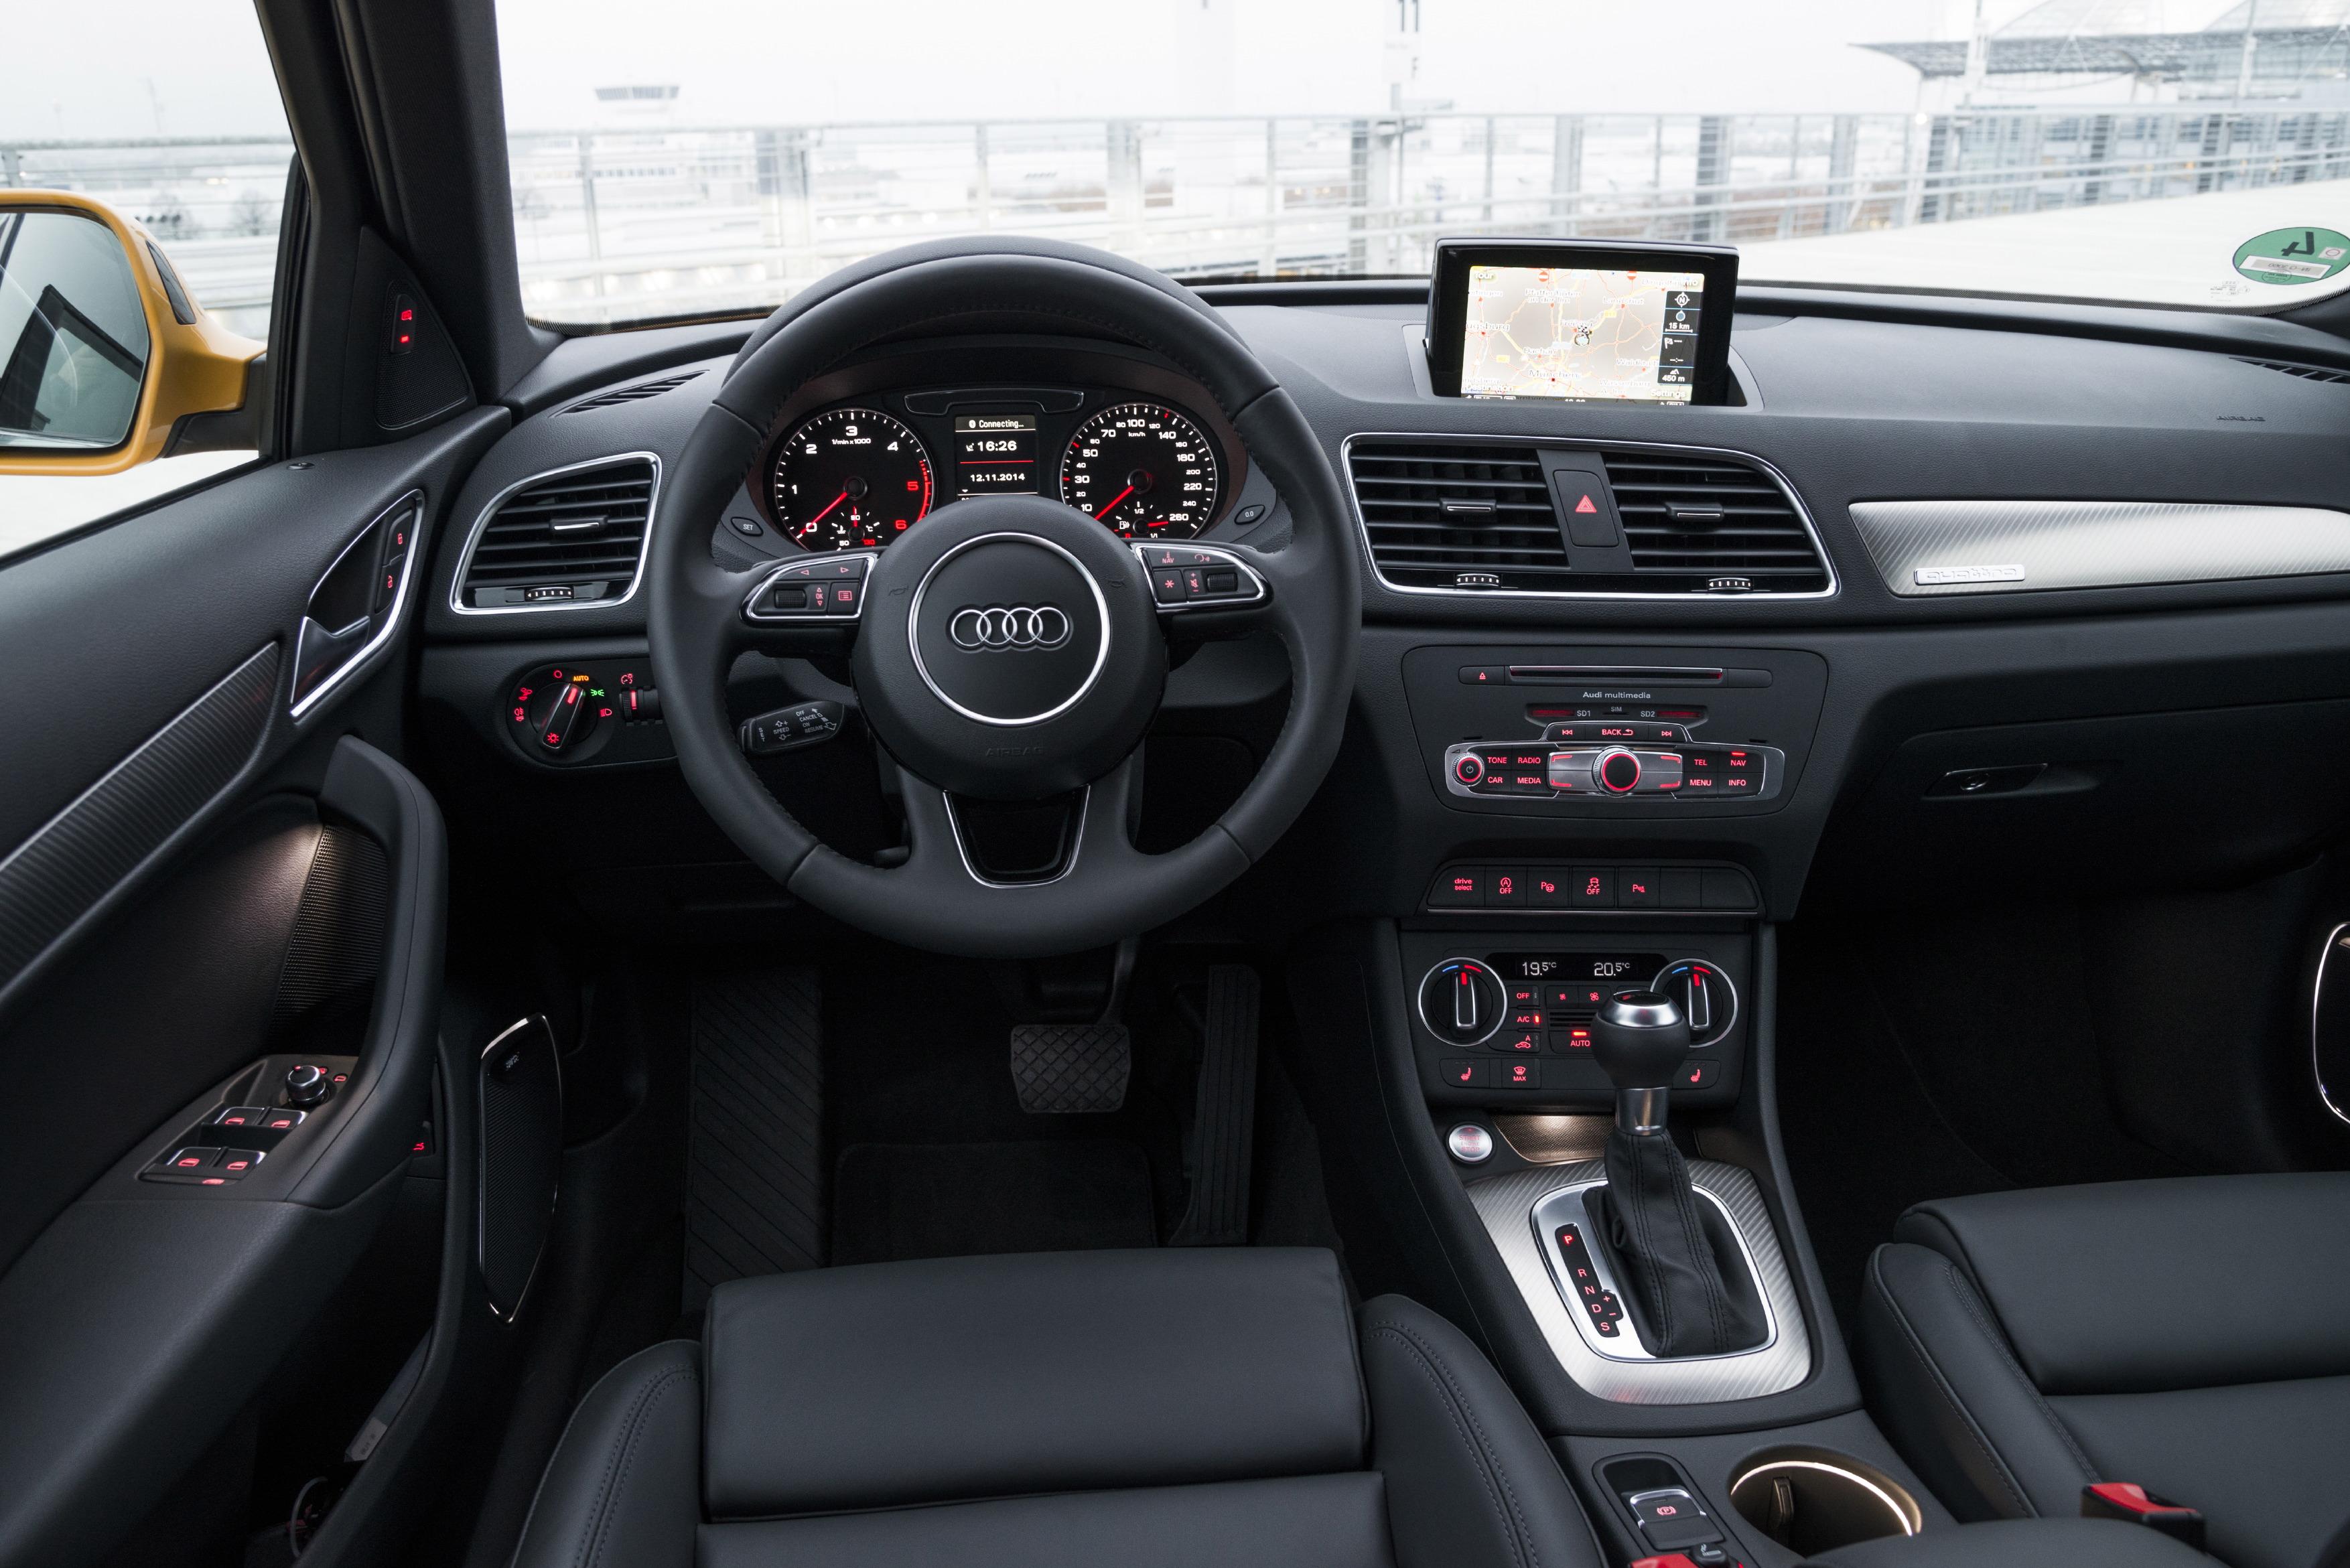 Essai audi q3 restyl le fond plut t que la forme for Audi q3 photos interieur